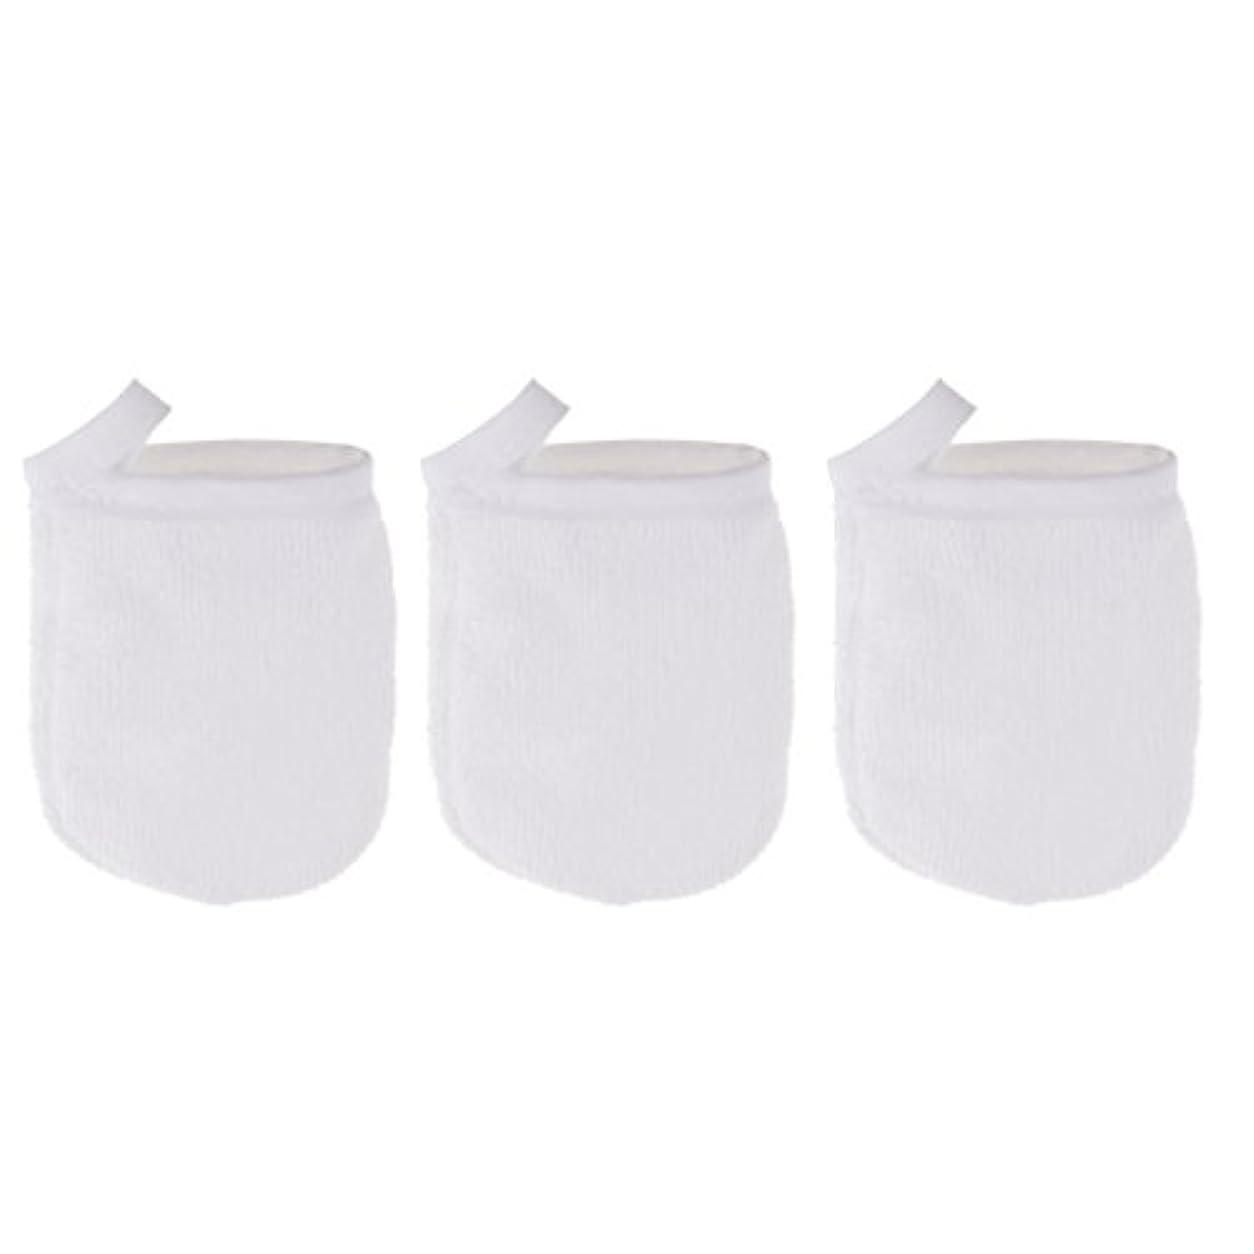 潜水艦汚染された滝Perfk 3個 クレンジンググローブ 手袋 洗顔グローブ 肌に気持ちいい フェイシャル 美容 ソフト マイクロファイバー グローブ メイクリムーバークロス 再使用可能